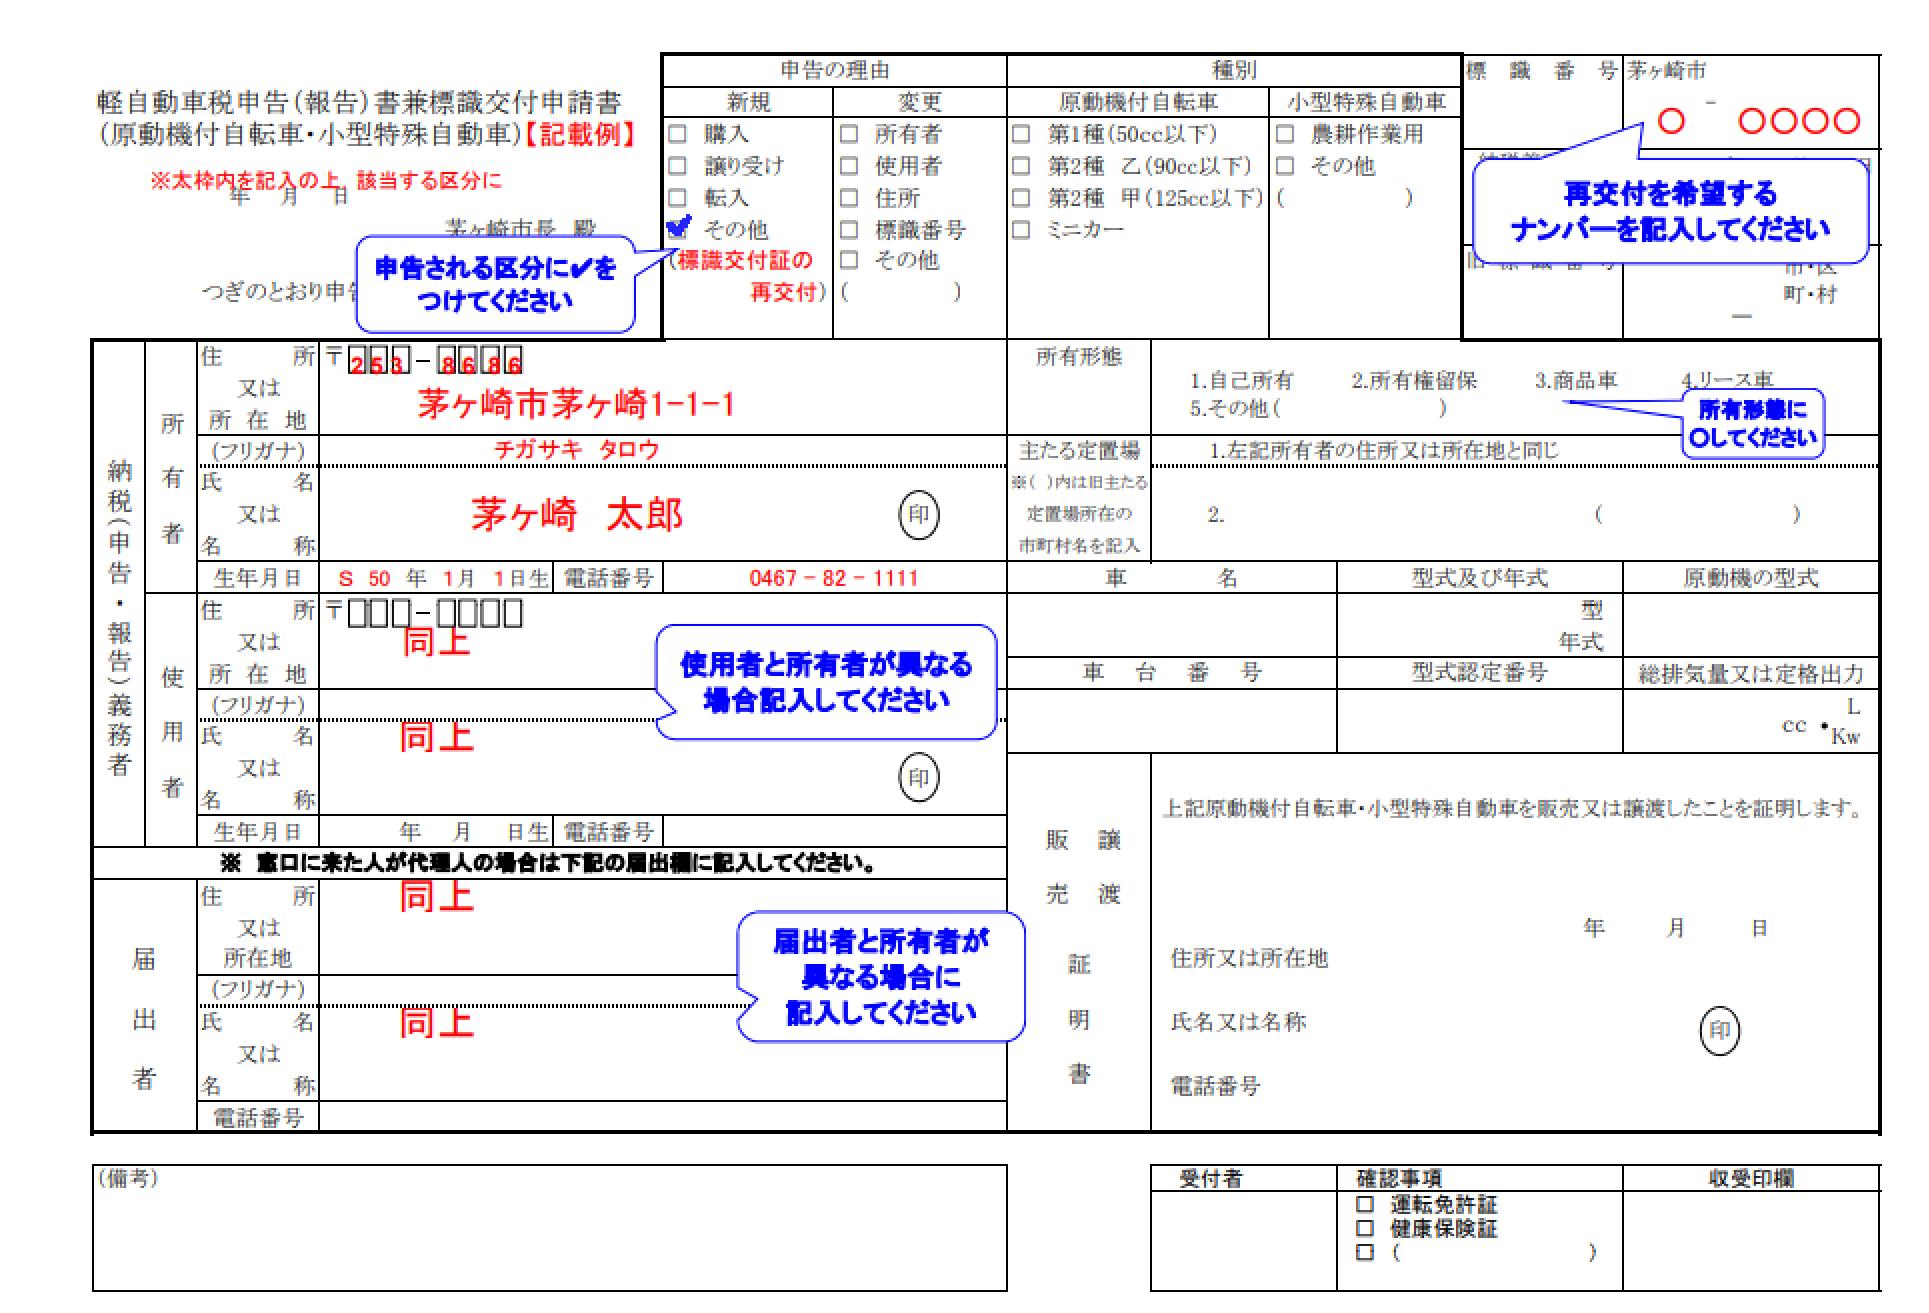 『軽自動車税申告(報告)書兼標識交付申請書』の記入例